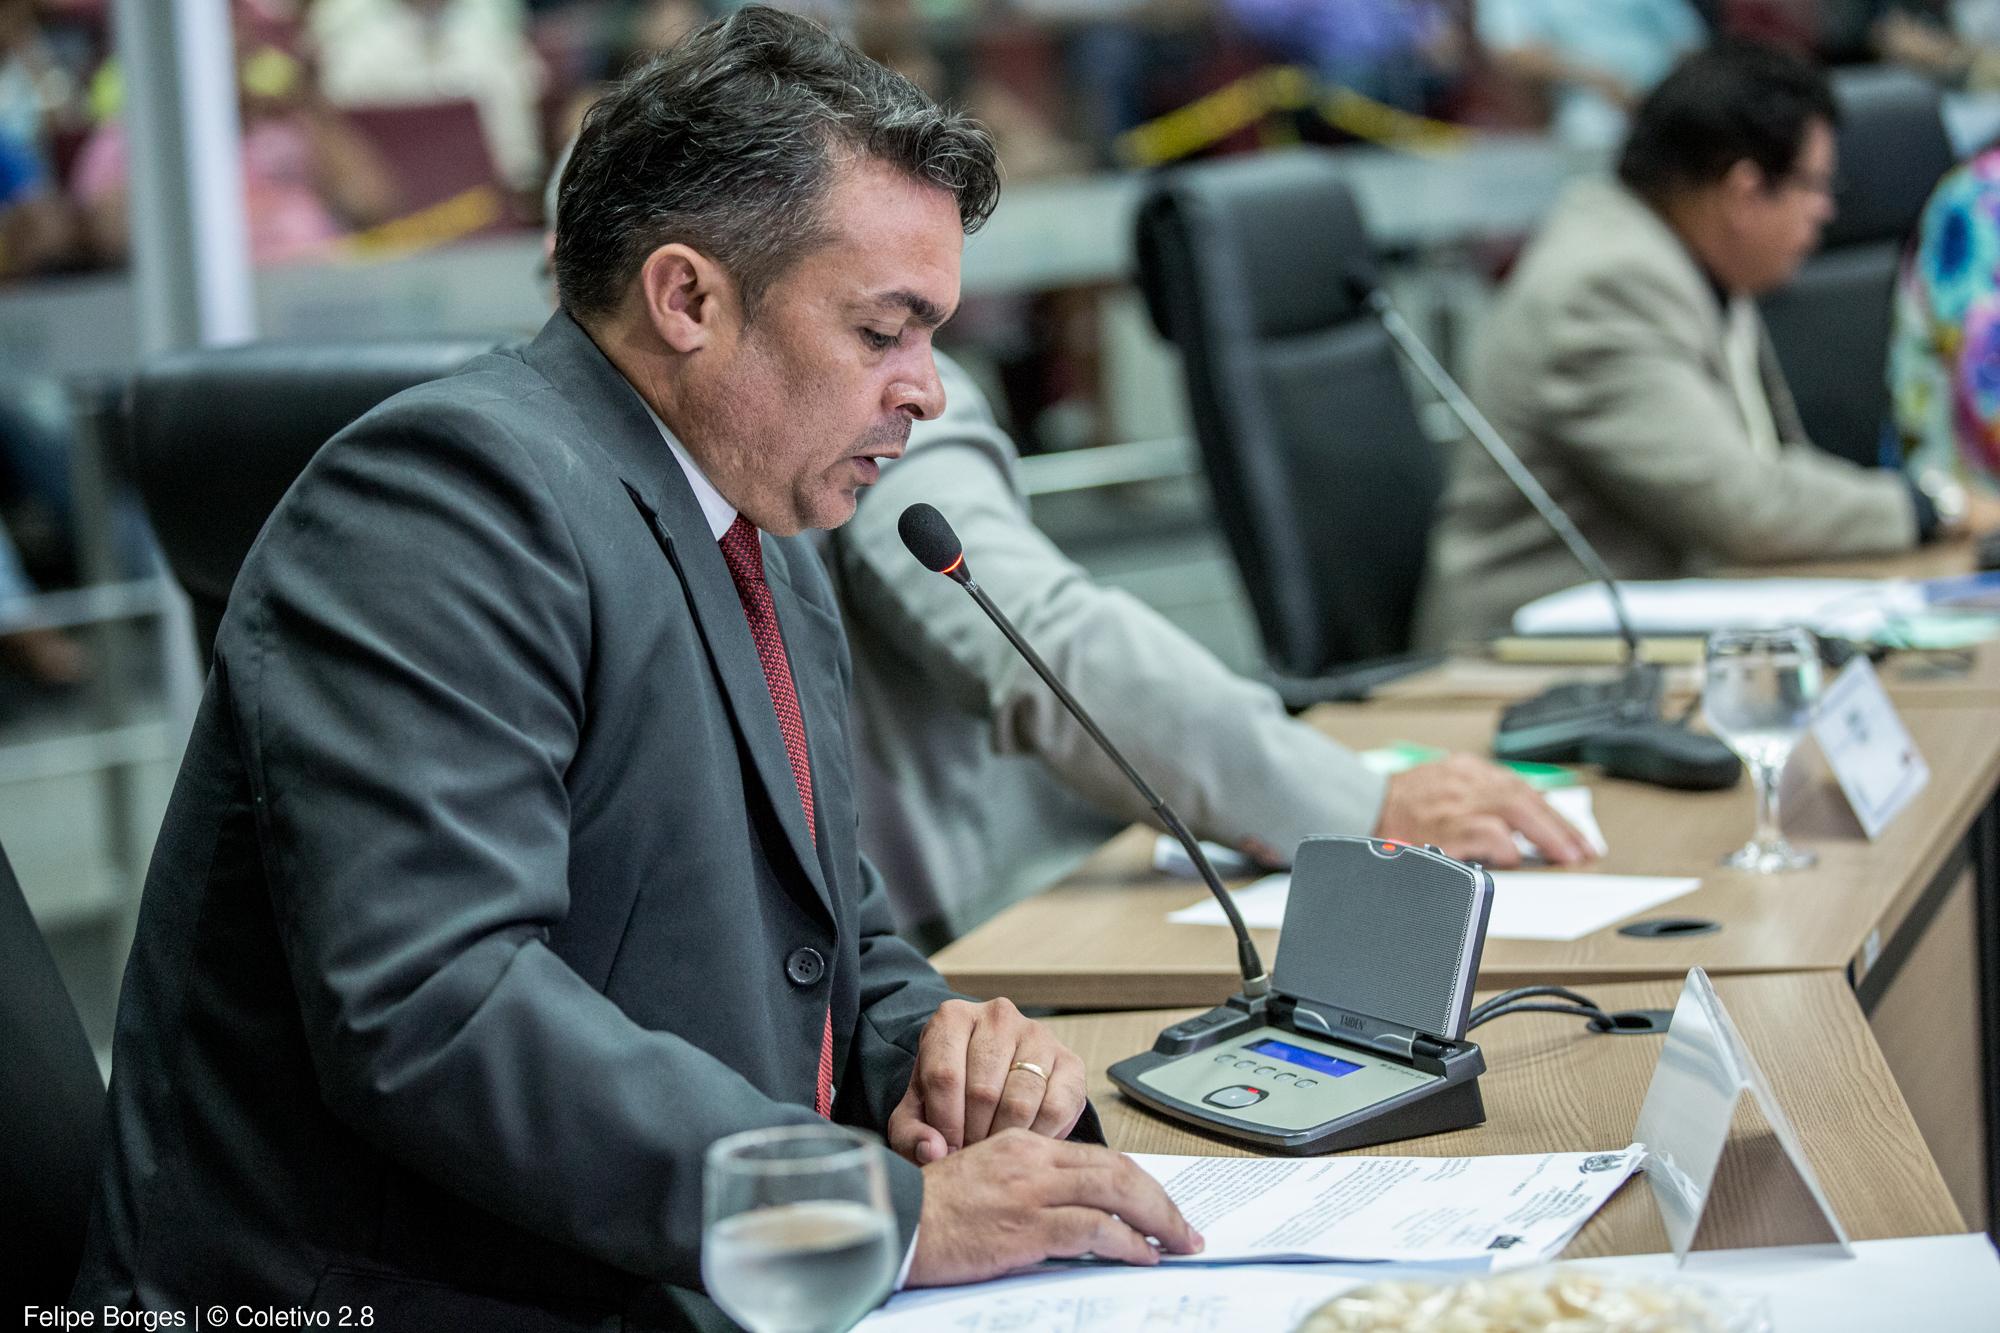 Audiência pública para discutir alternativas de trabalho e emprego é sugerida na Câmara